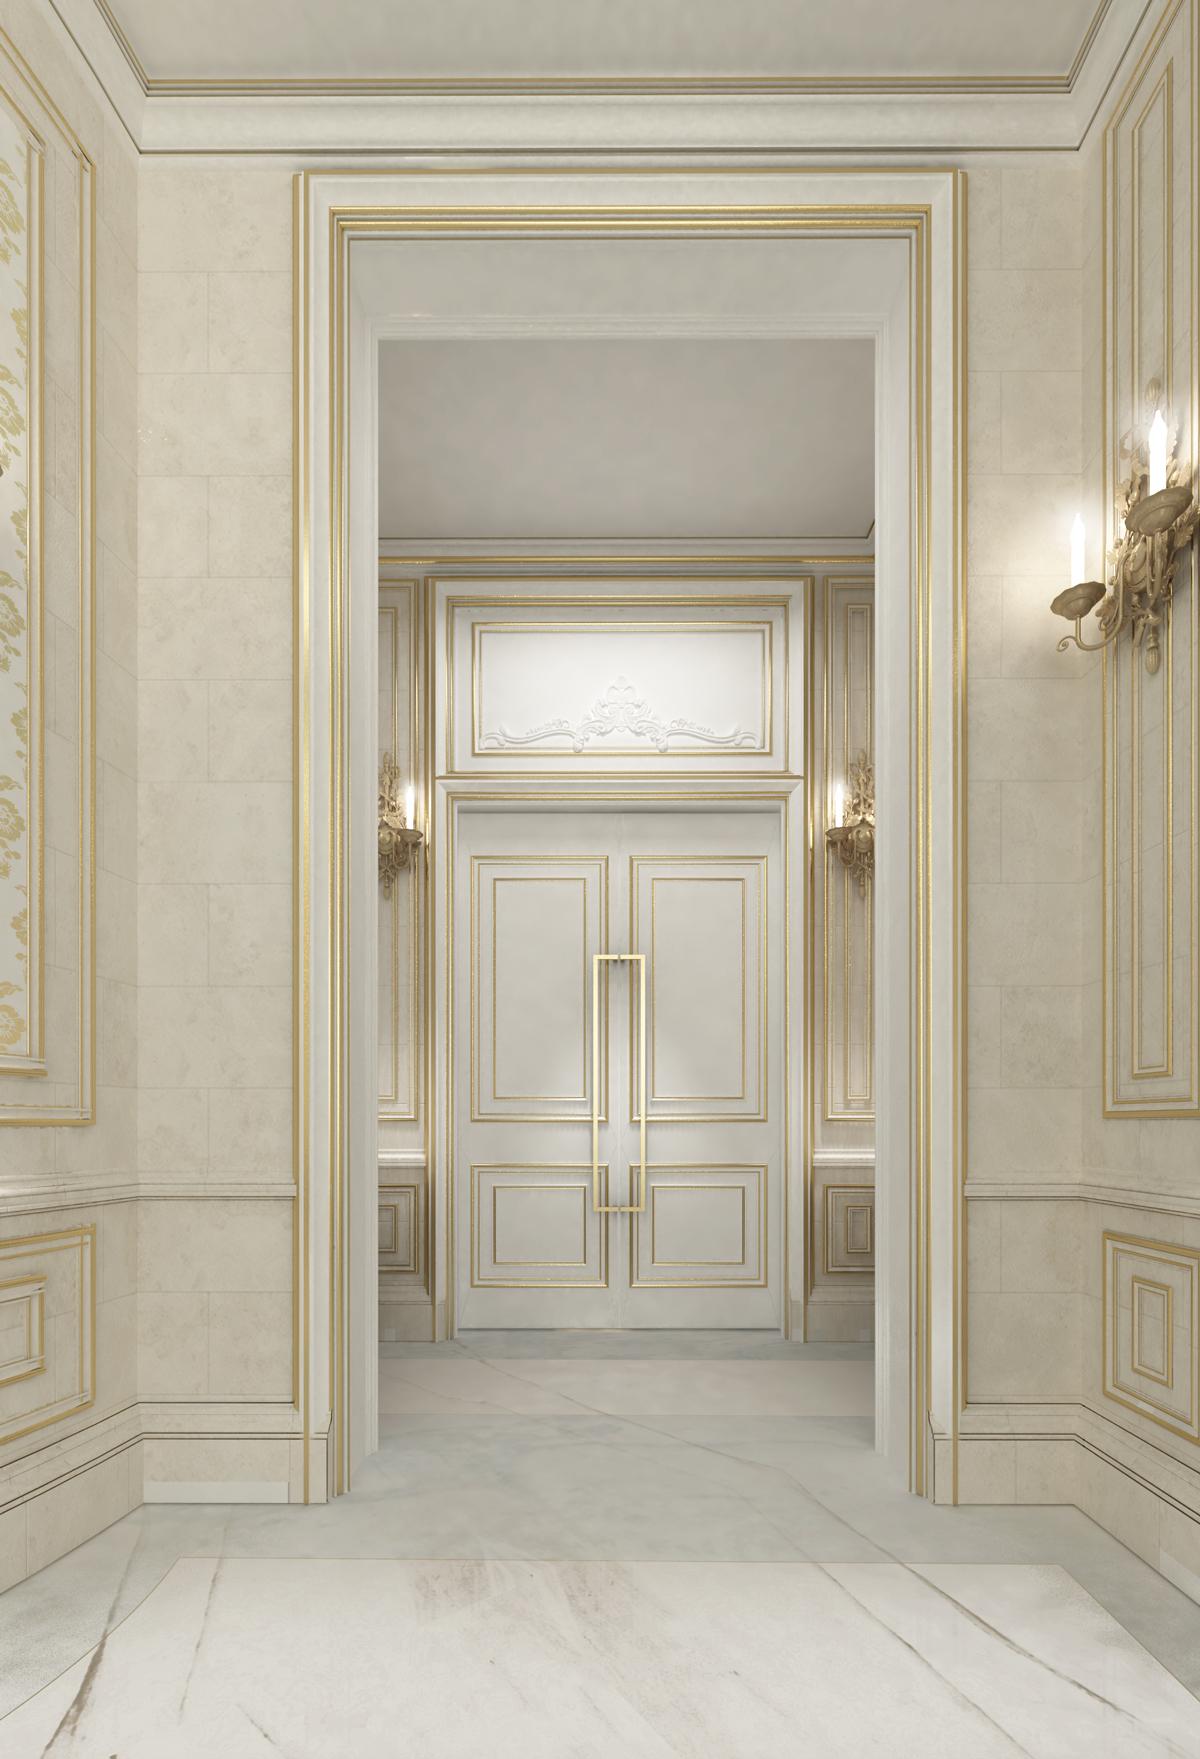 Neo Classic Villa Design - Qatar